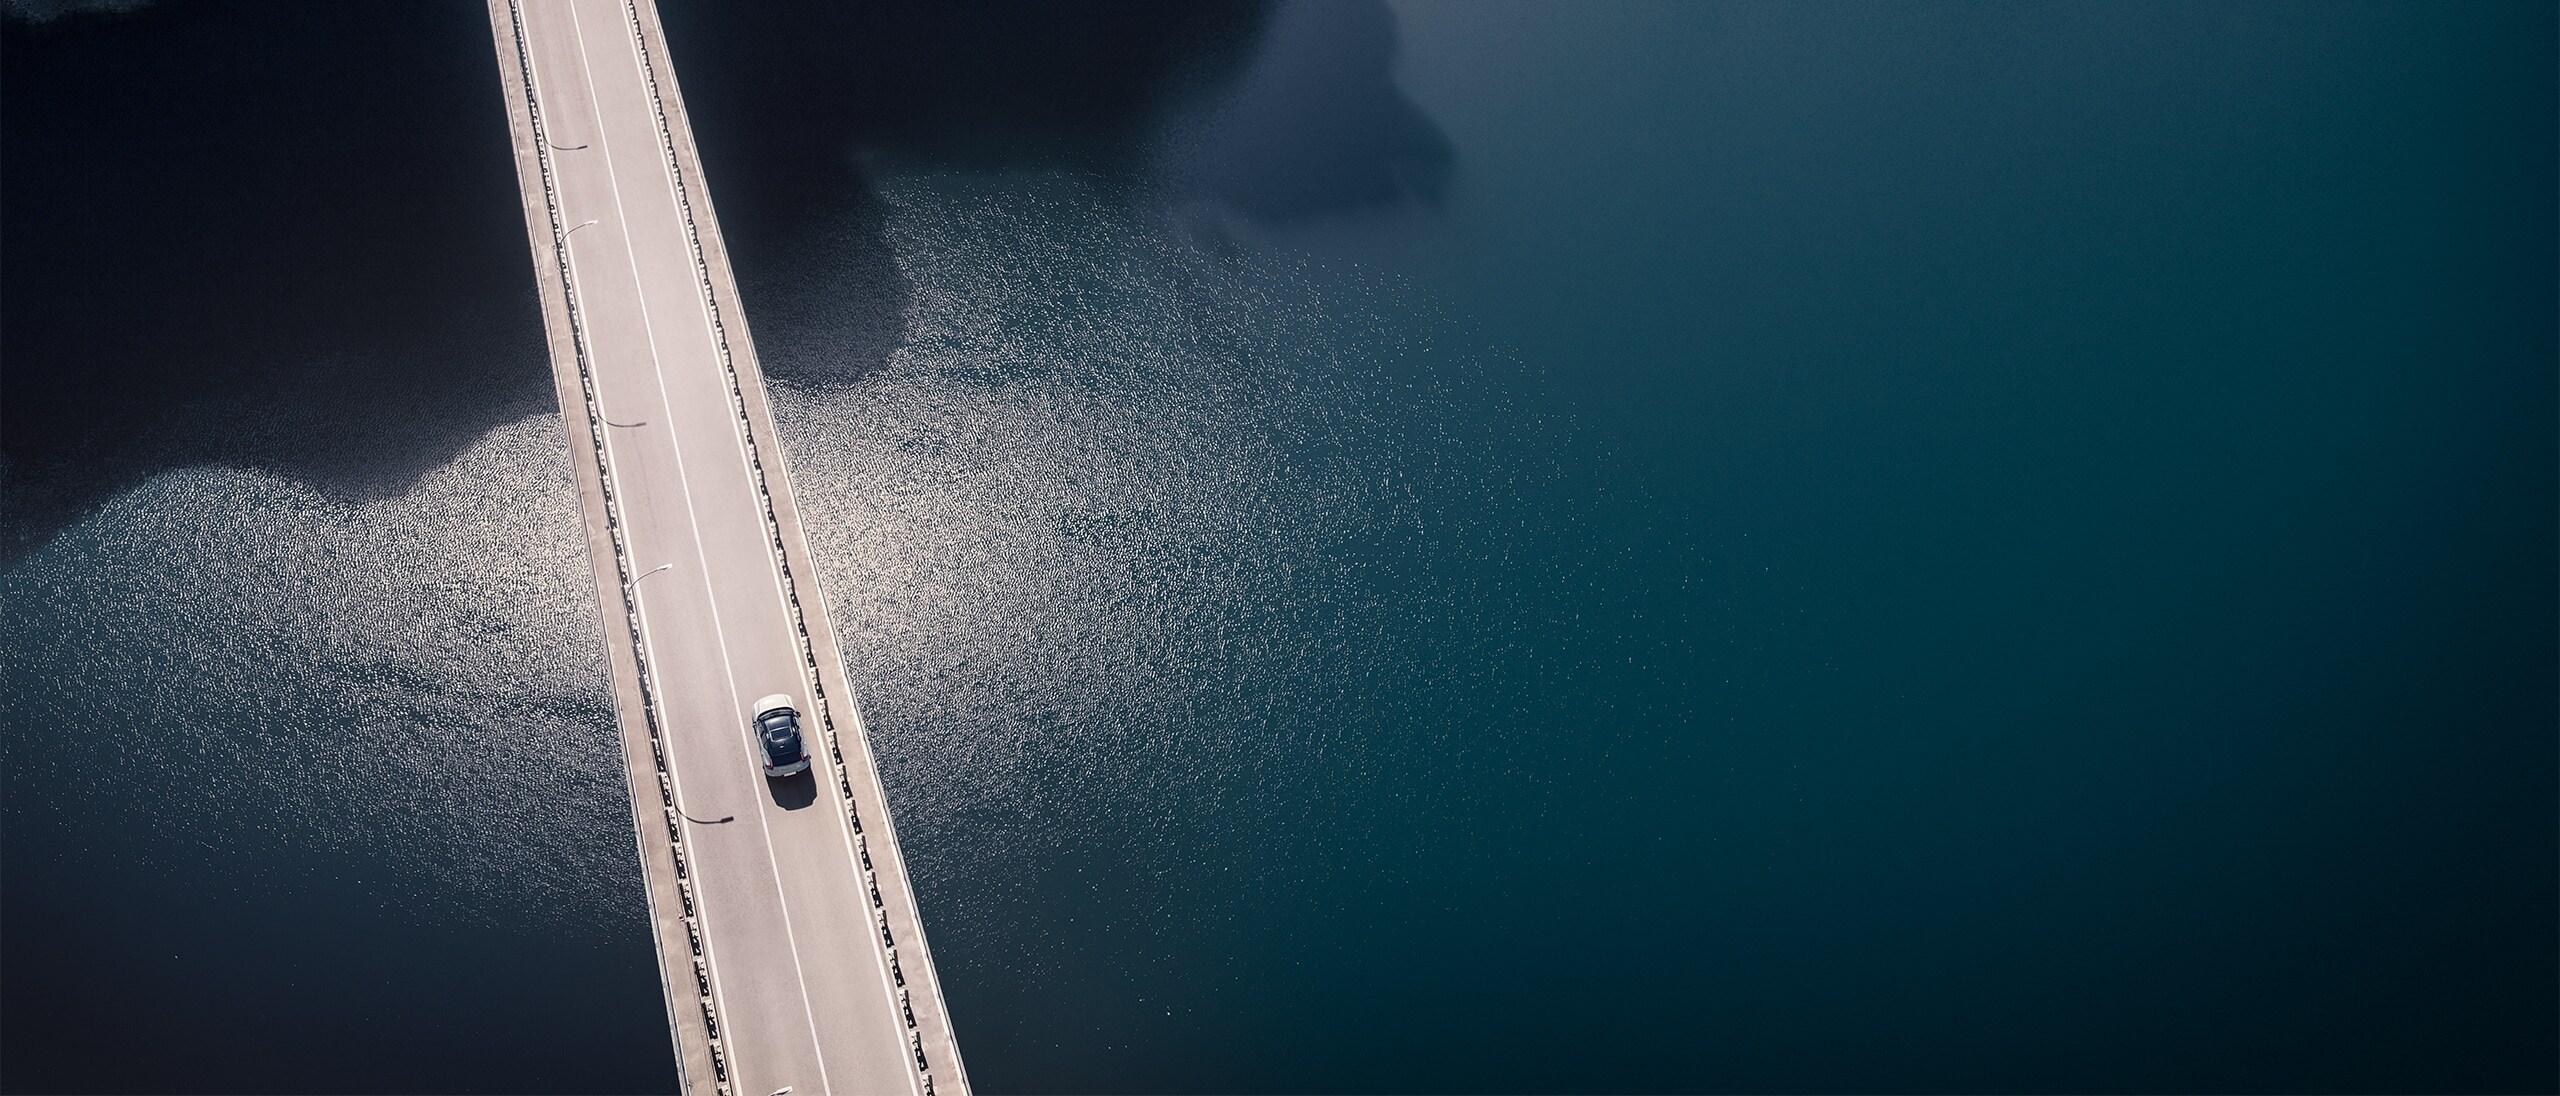 Vista aerea di un nuovo SUV XC40 Recharge Pure Electric mentre attraversa un ponte a due corsie su uno specchio d'acqua calmo grigio scuro, diretto verso una galleria.